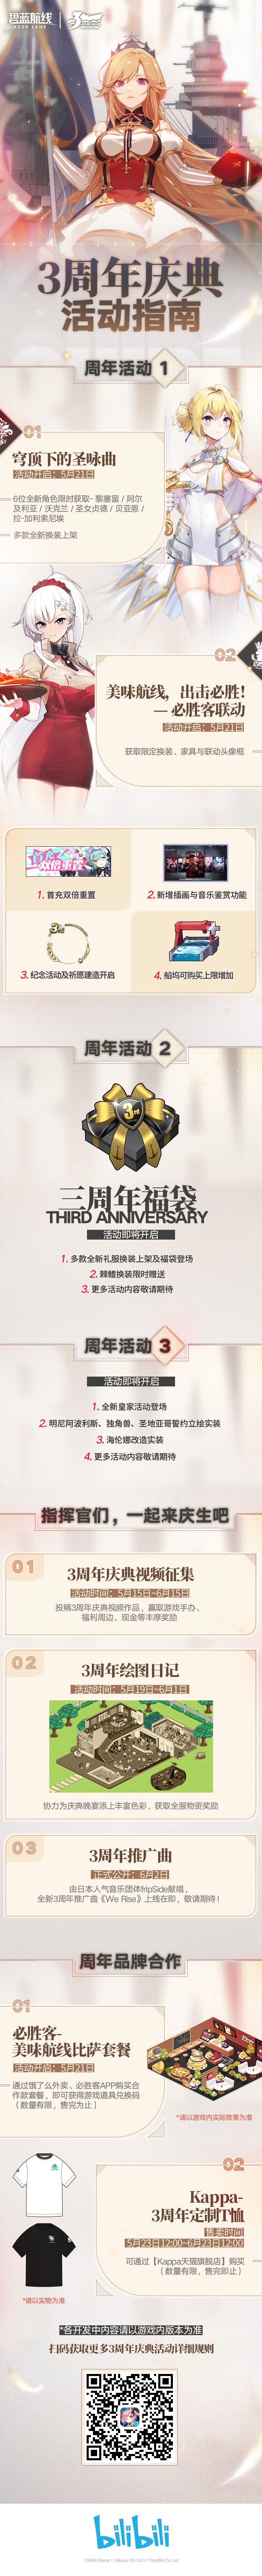 【碧蓝航线】三周年庆典爆料汇总